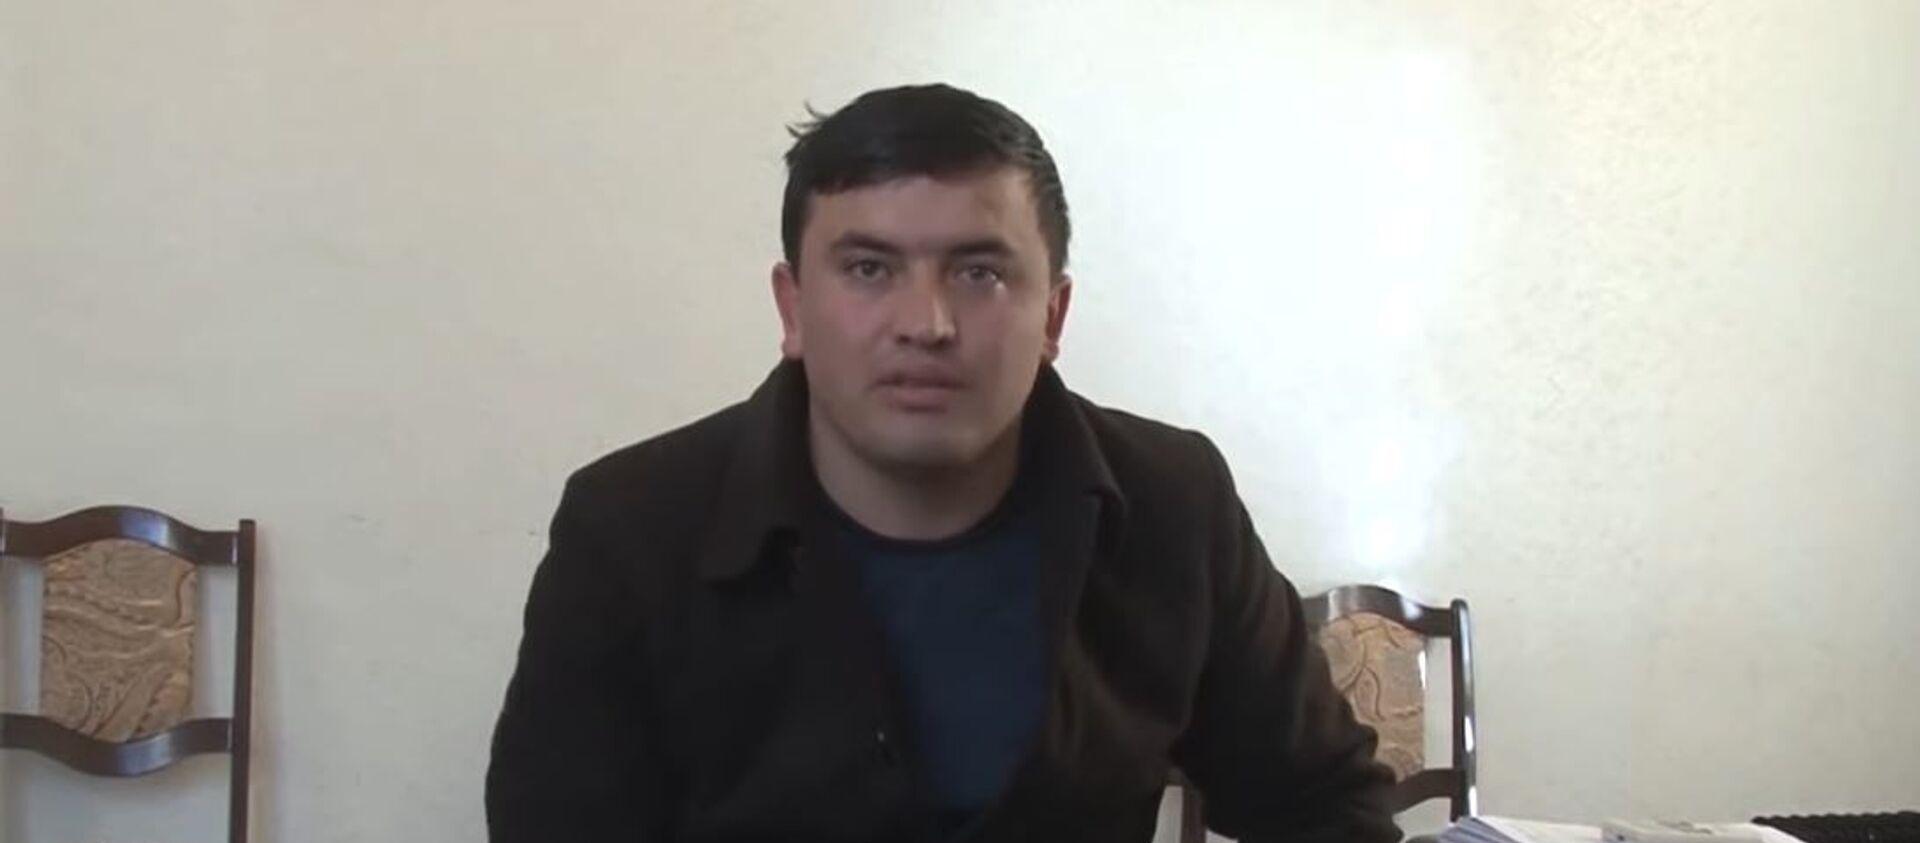 Экстрасенс из Таджикистана, задержанный МВД - Sputnik Тоҷикистон, 1920, 04.02.2021